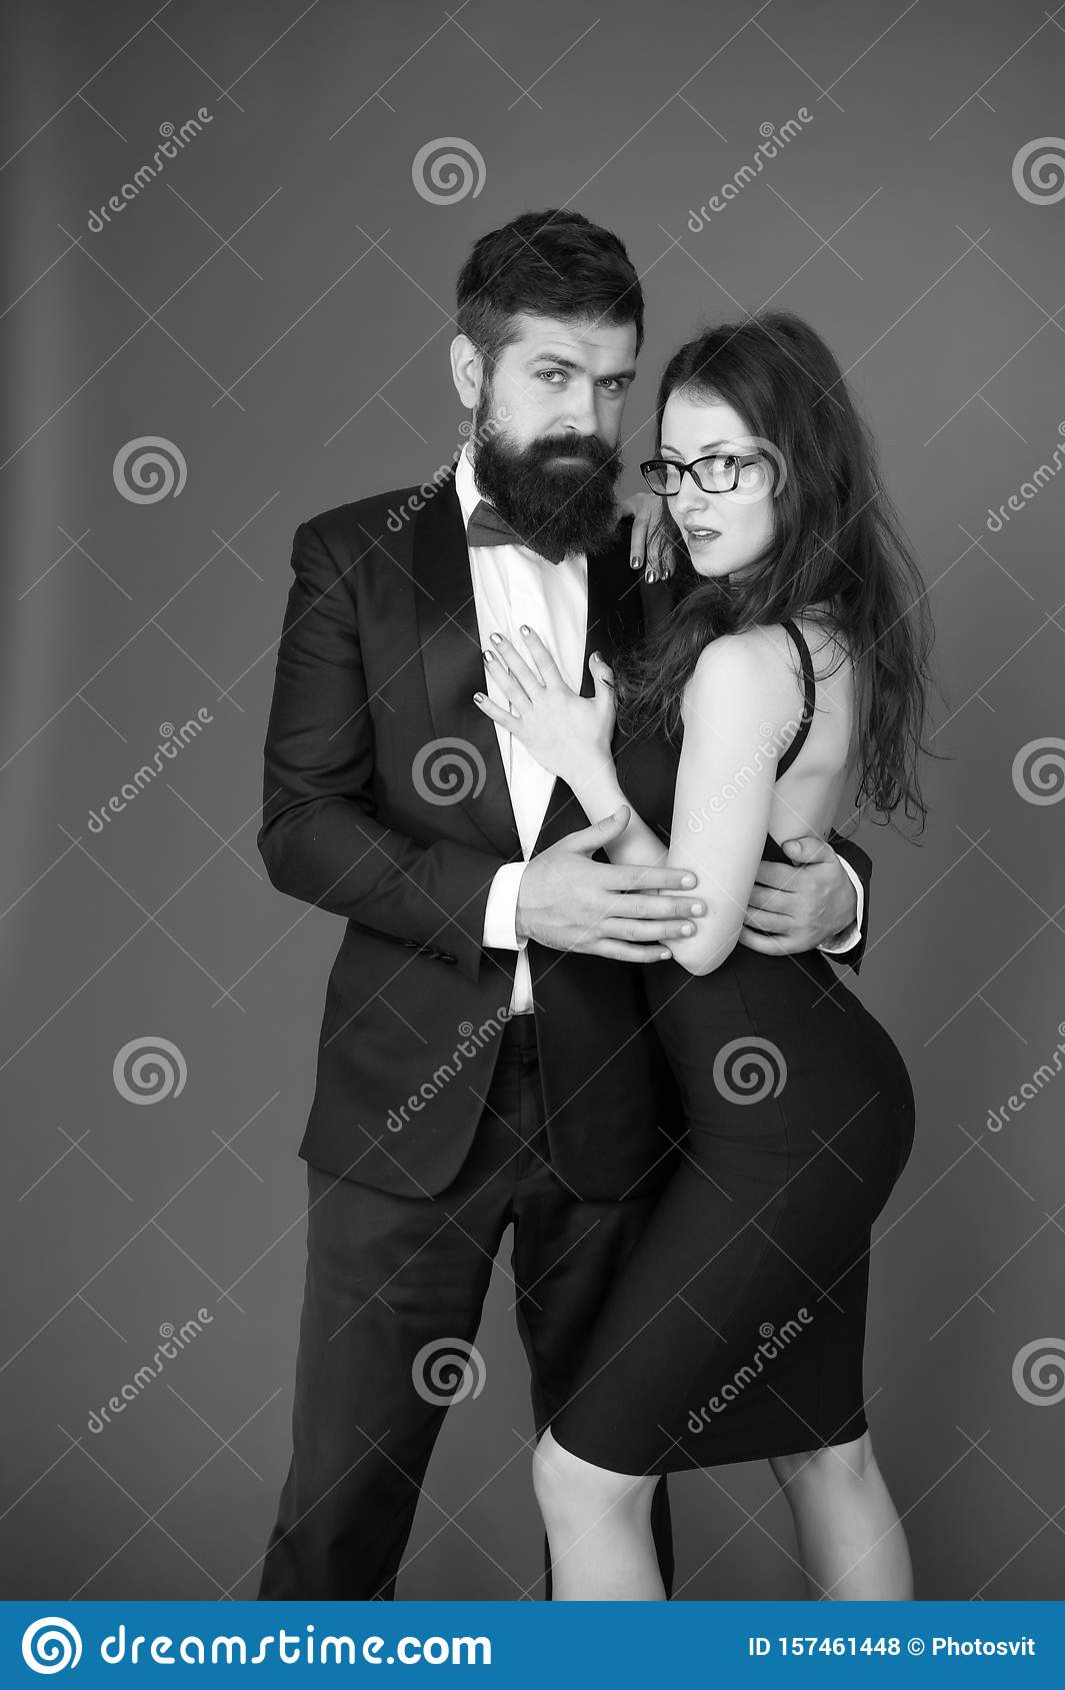 dating gentleman)